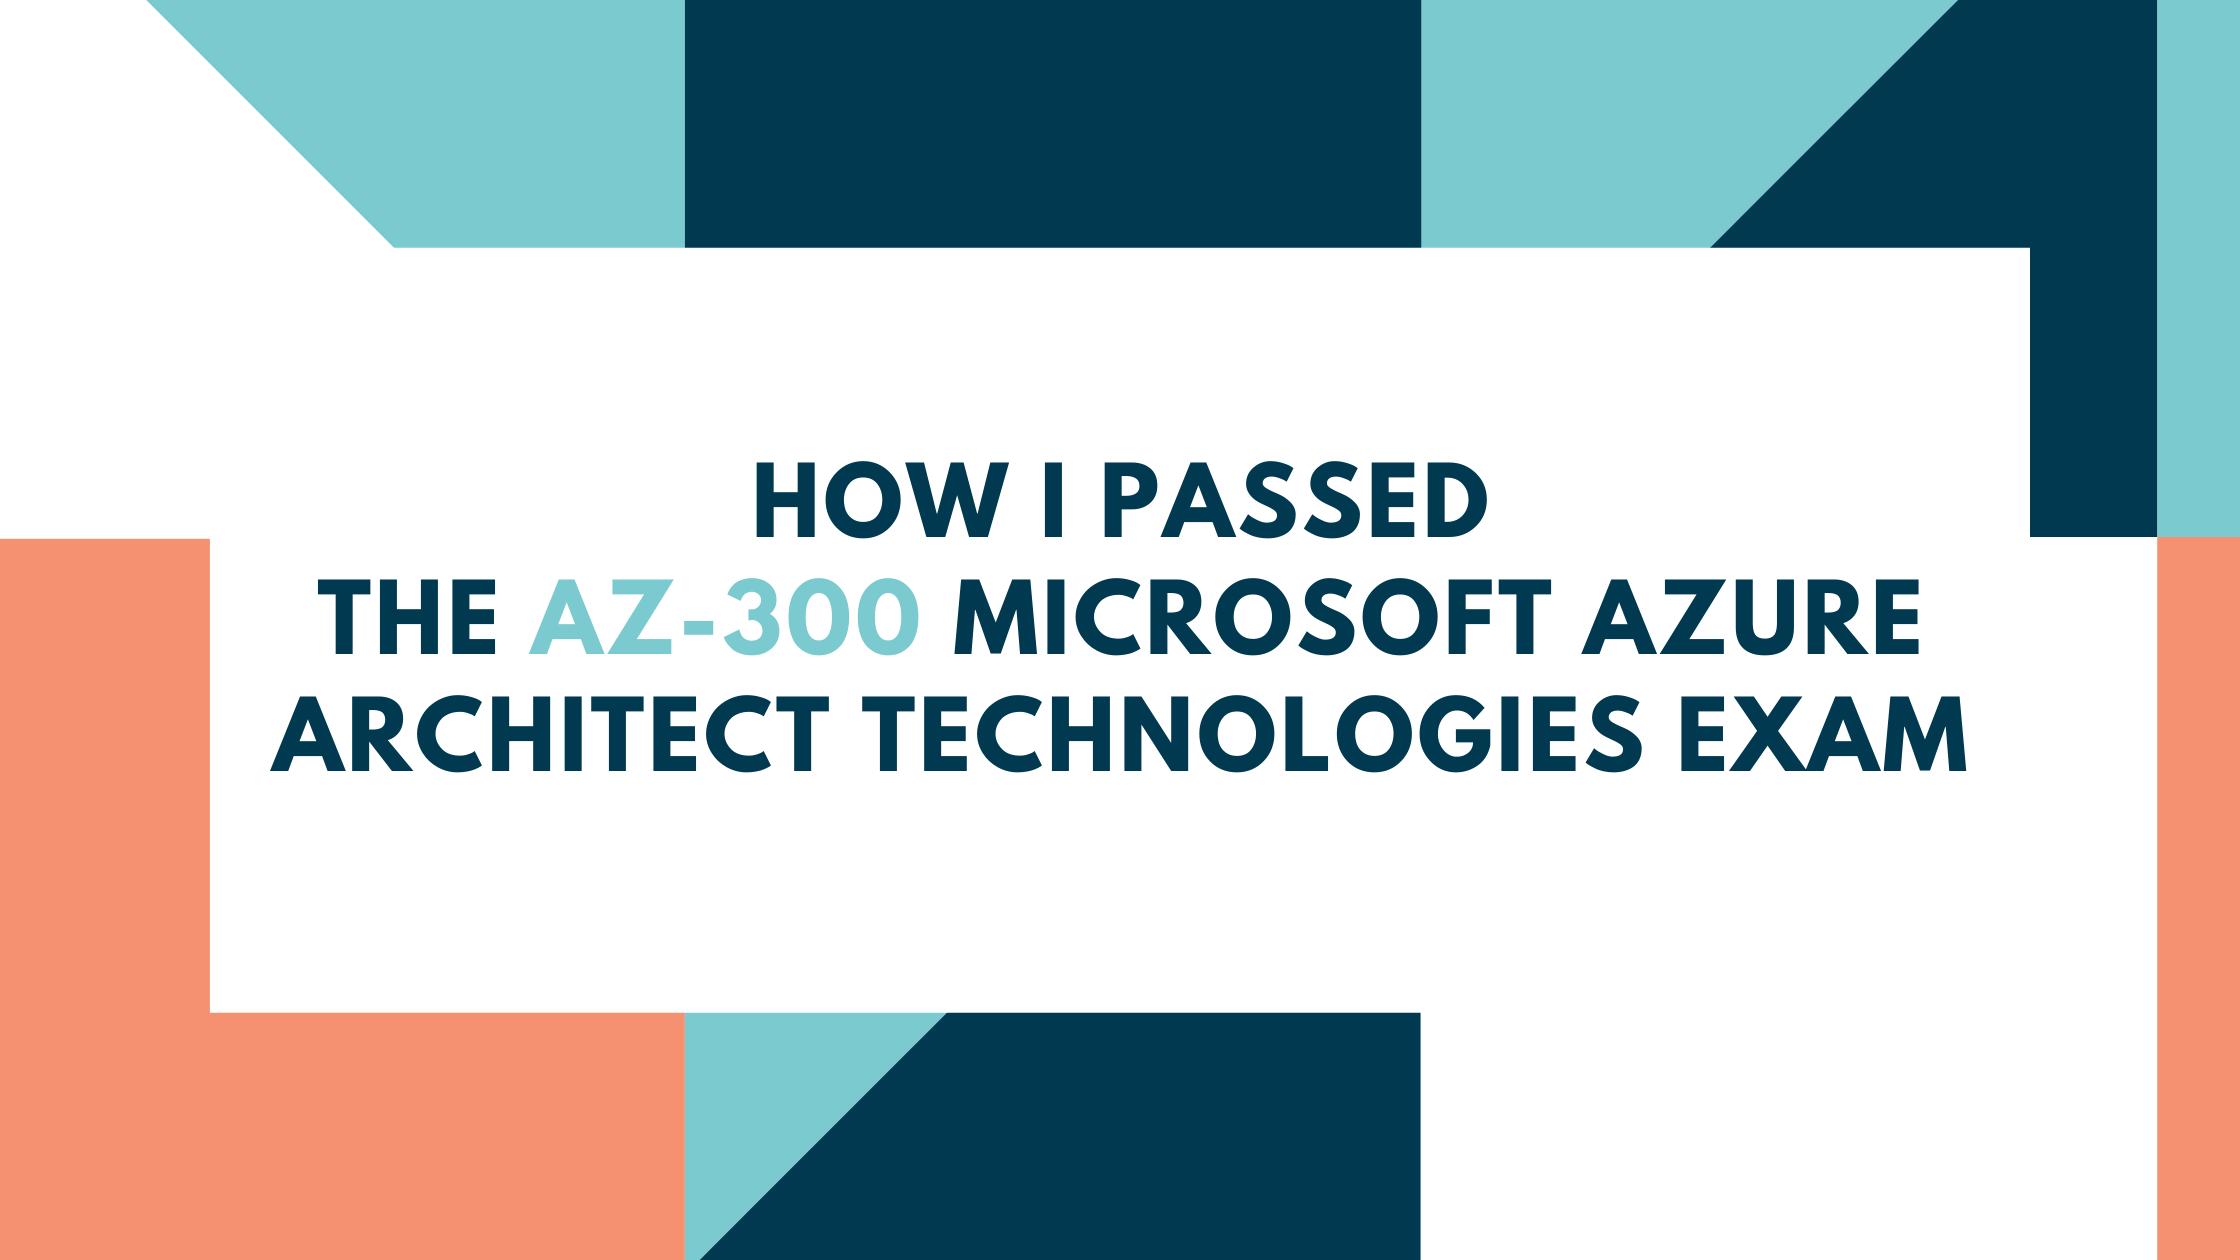 How I Passed the AZ-300 Microsoft Azure Architect Technologies Exam